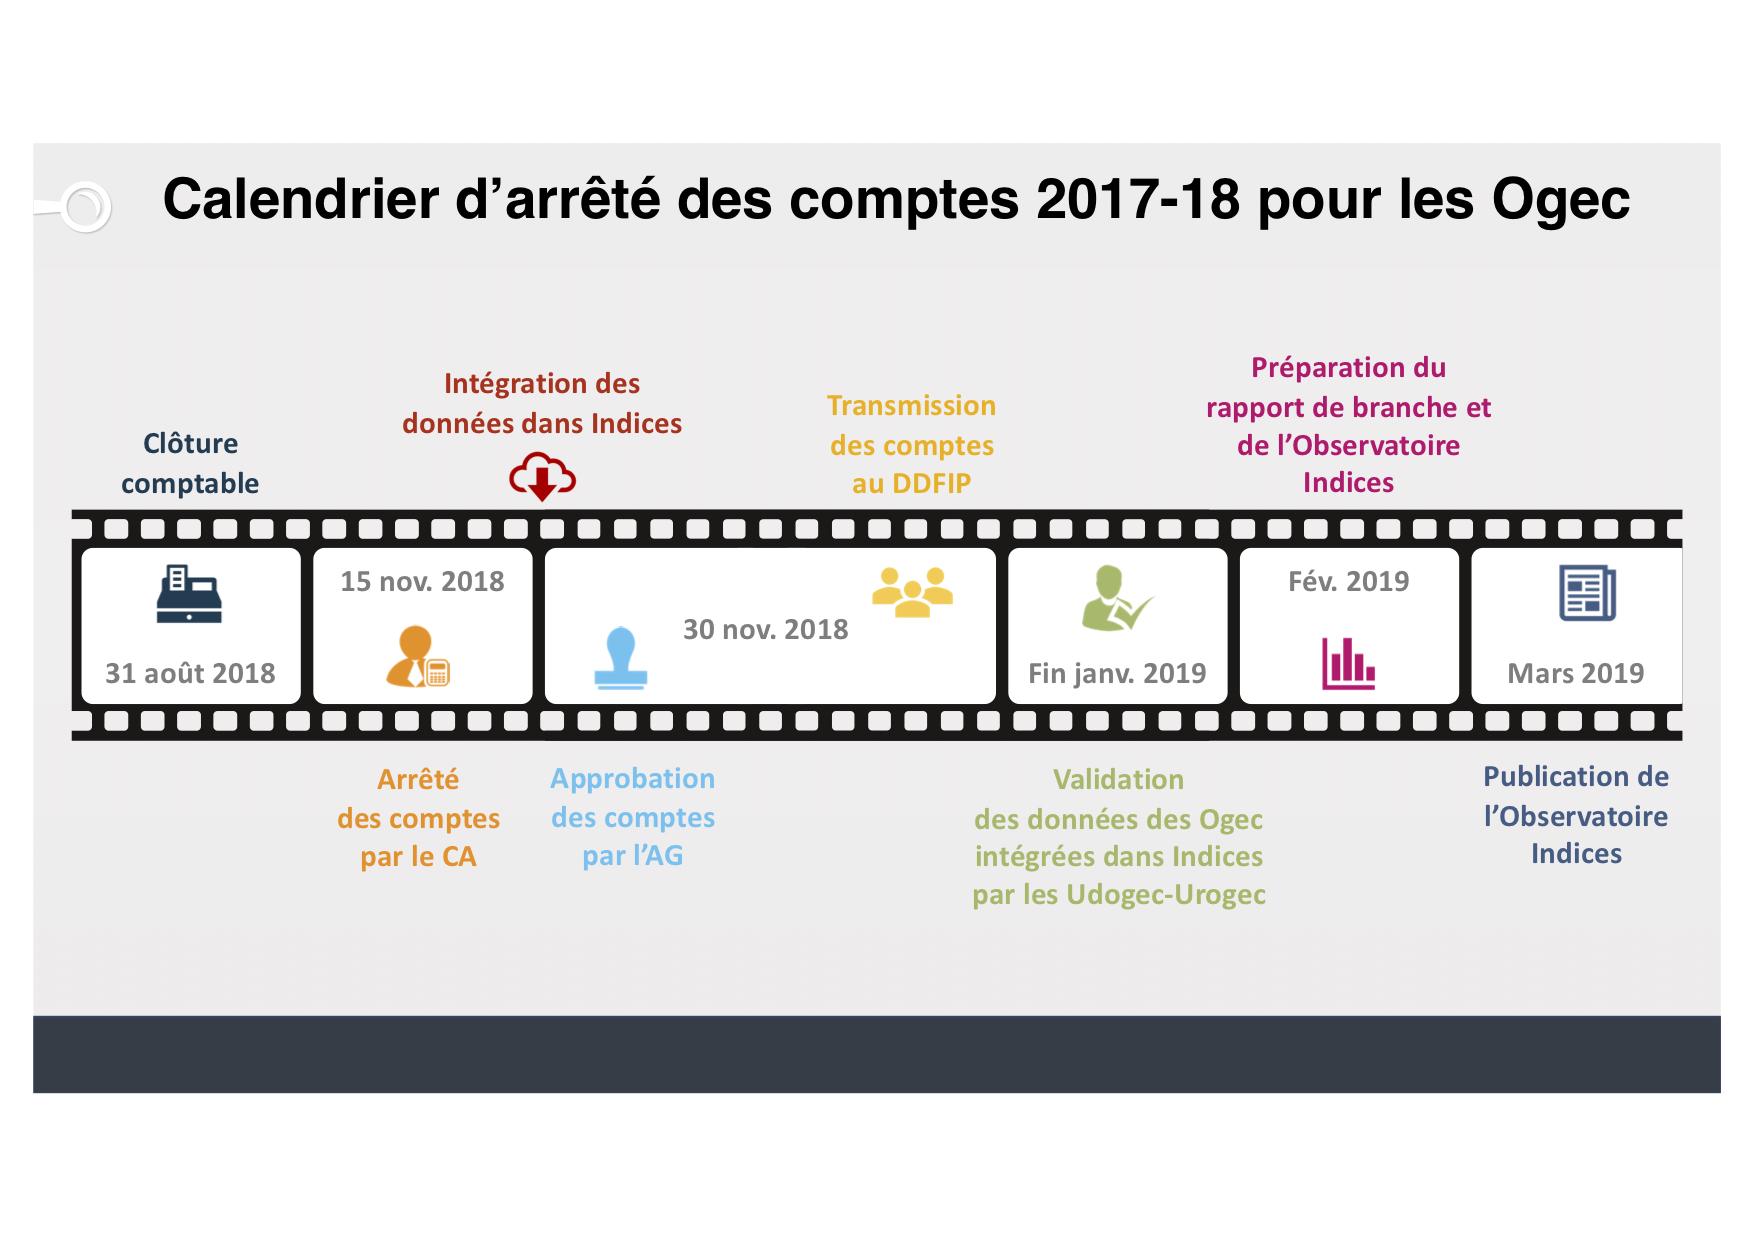 Calendrier Budgetaire.Calendrier D Arrete Des Comptes 2017 18 Et Integration Des